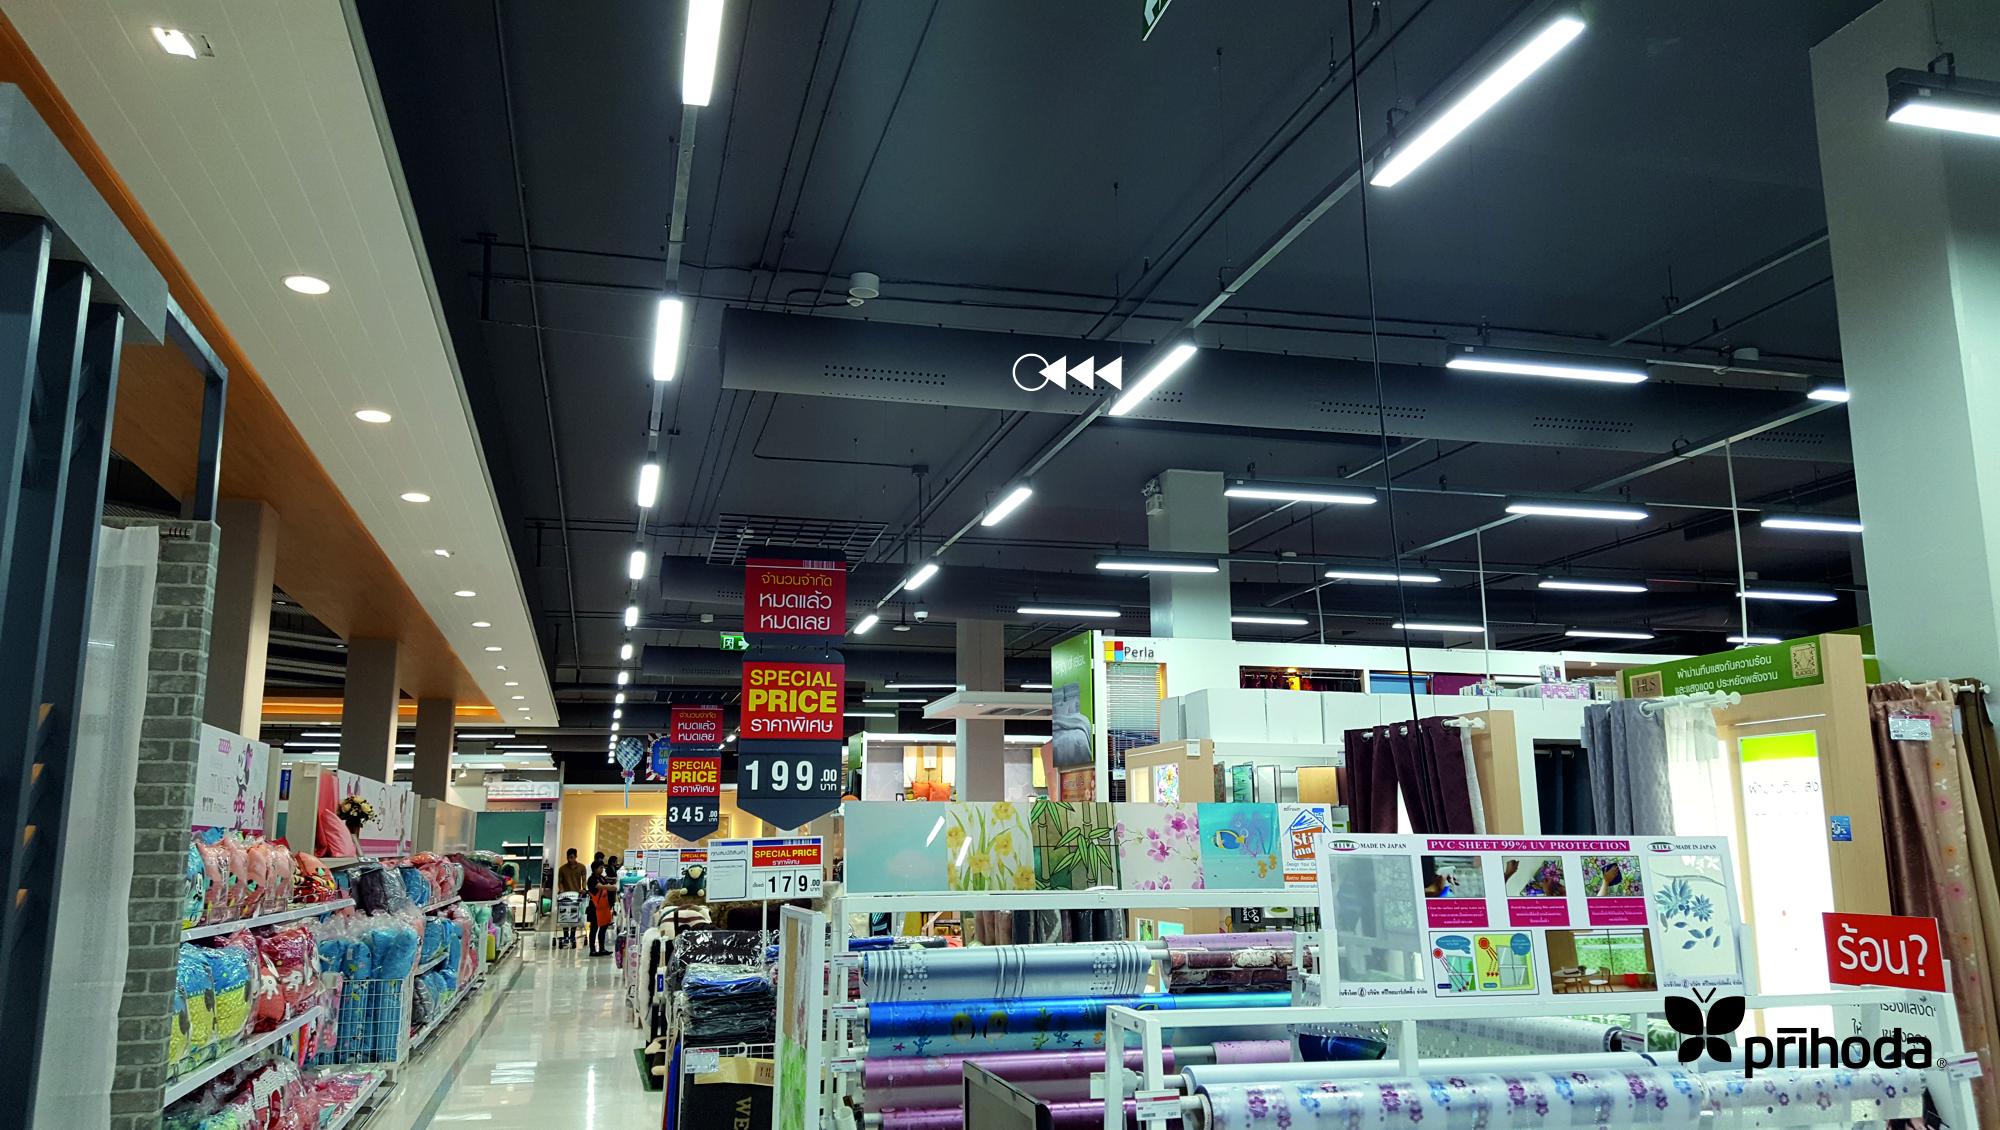 süpermarketlerde kumaş kanal ile havalandırma